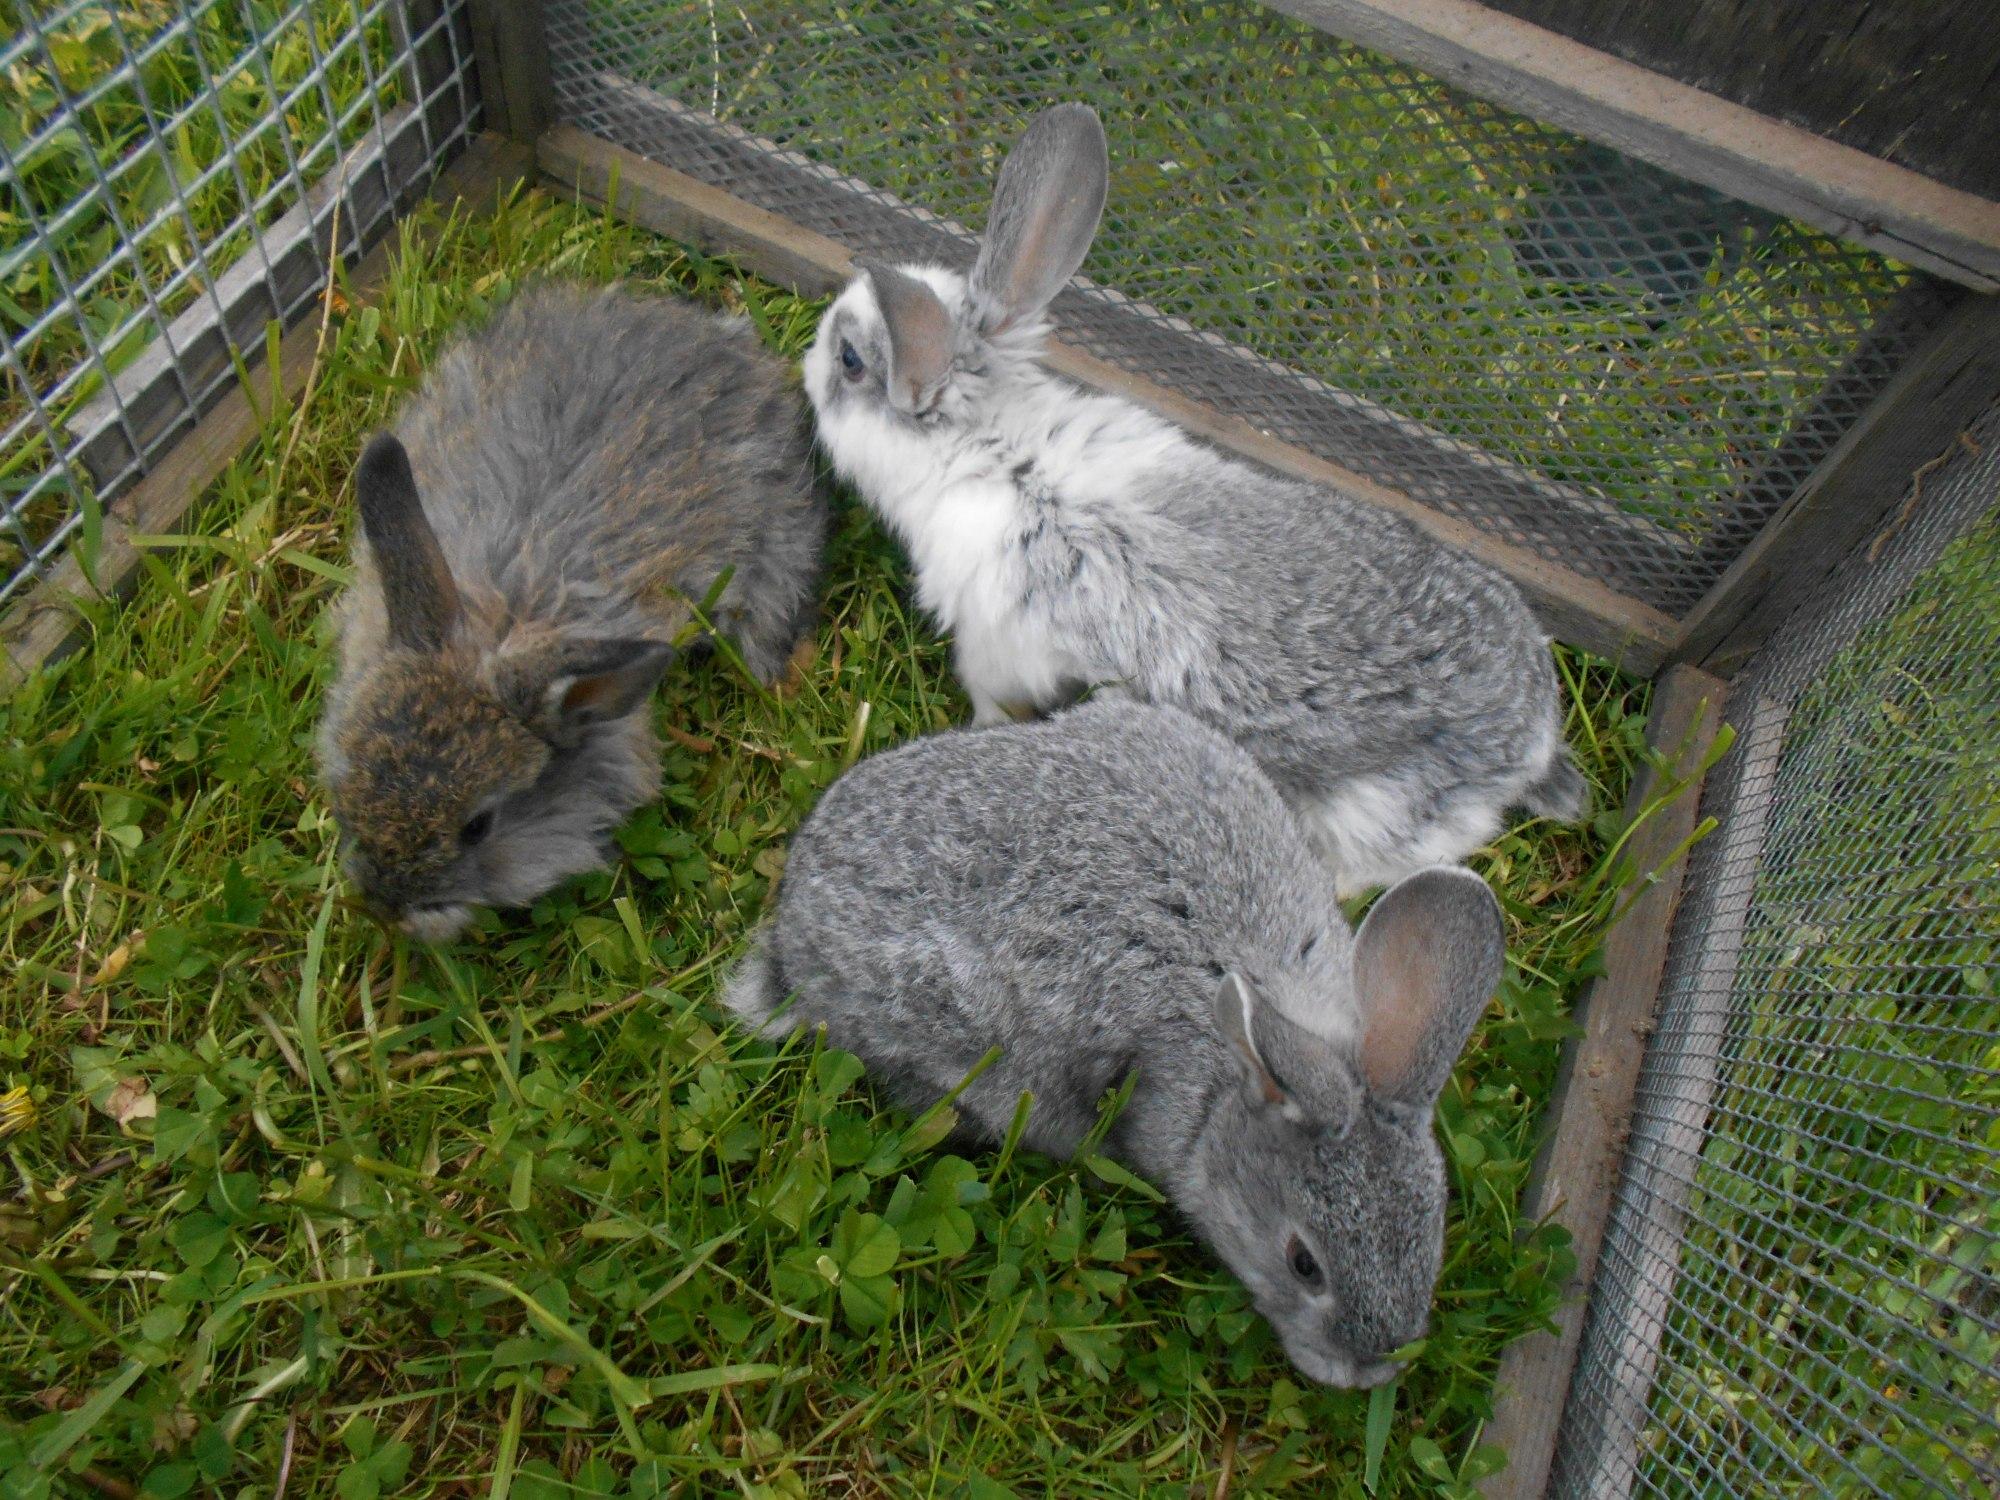 Кролиководство - один из видов малозатратного сельскохозяйственного бизнеса. Фото: Андрей Туоми